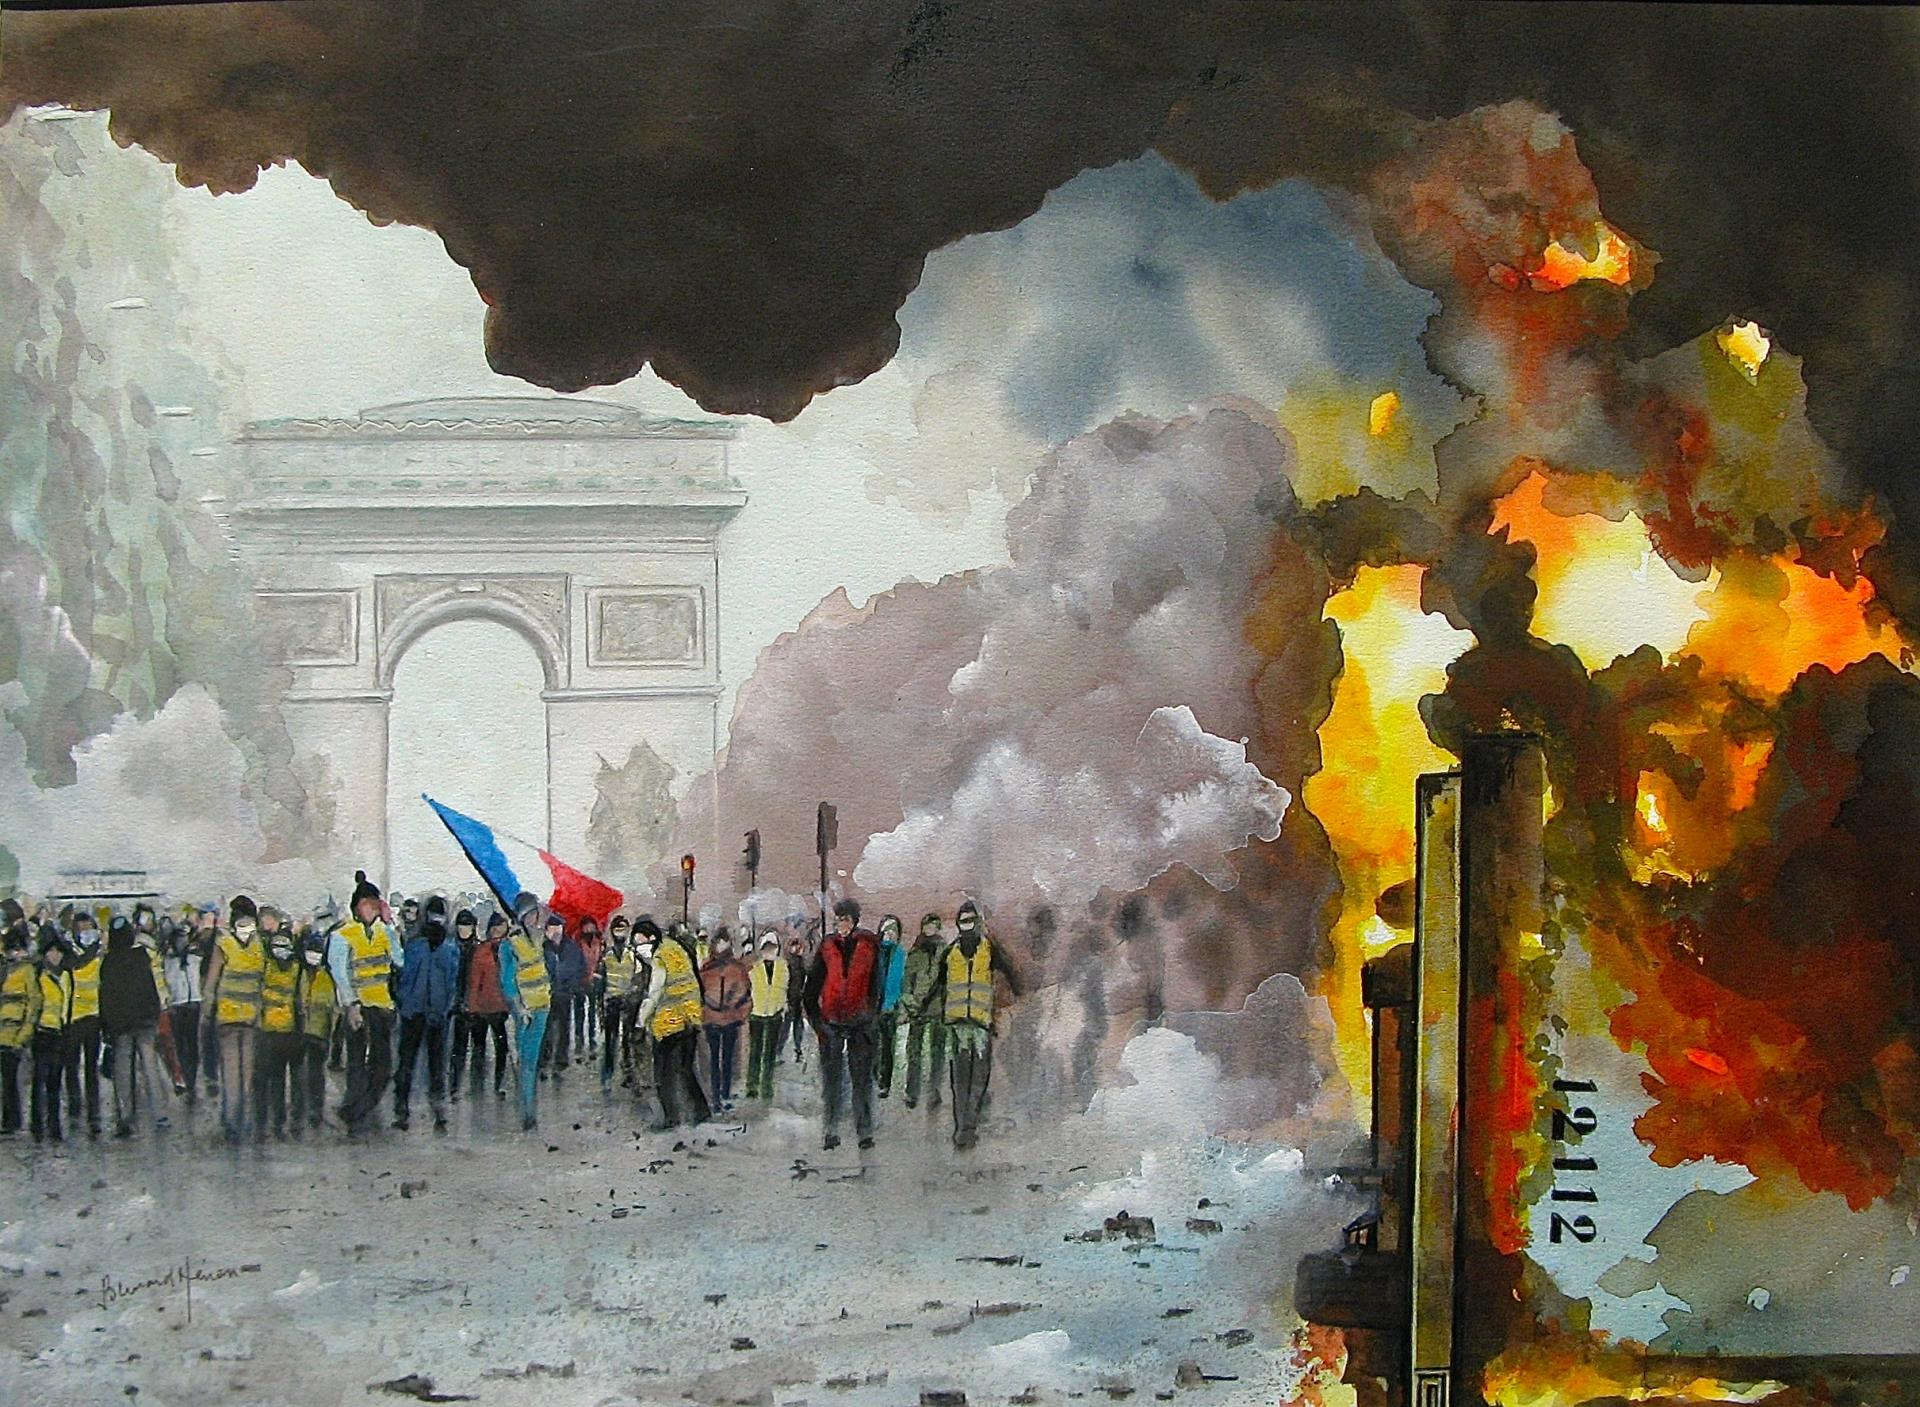 Paris - le 24 Novembre 2018 sur les Champs Elysées